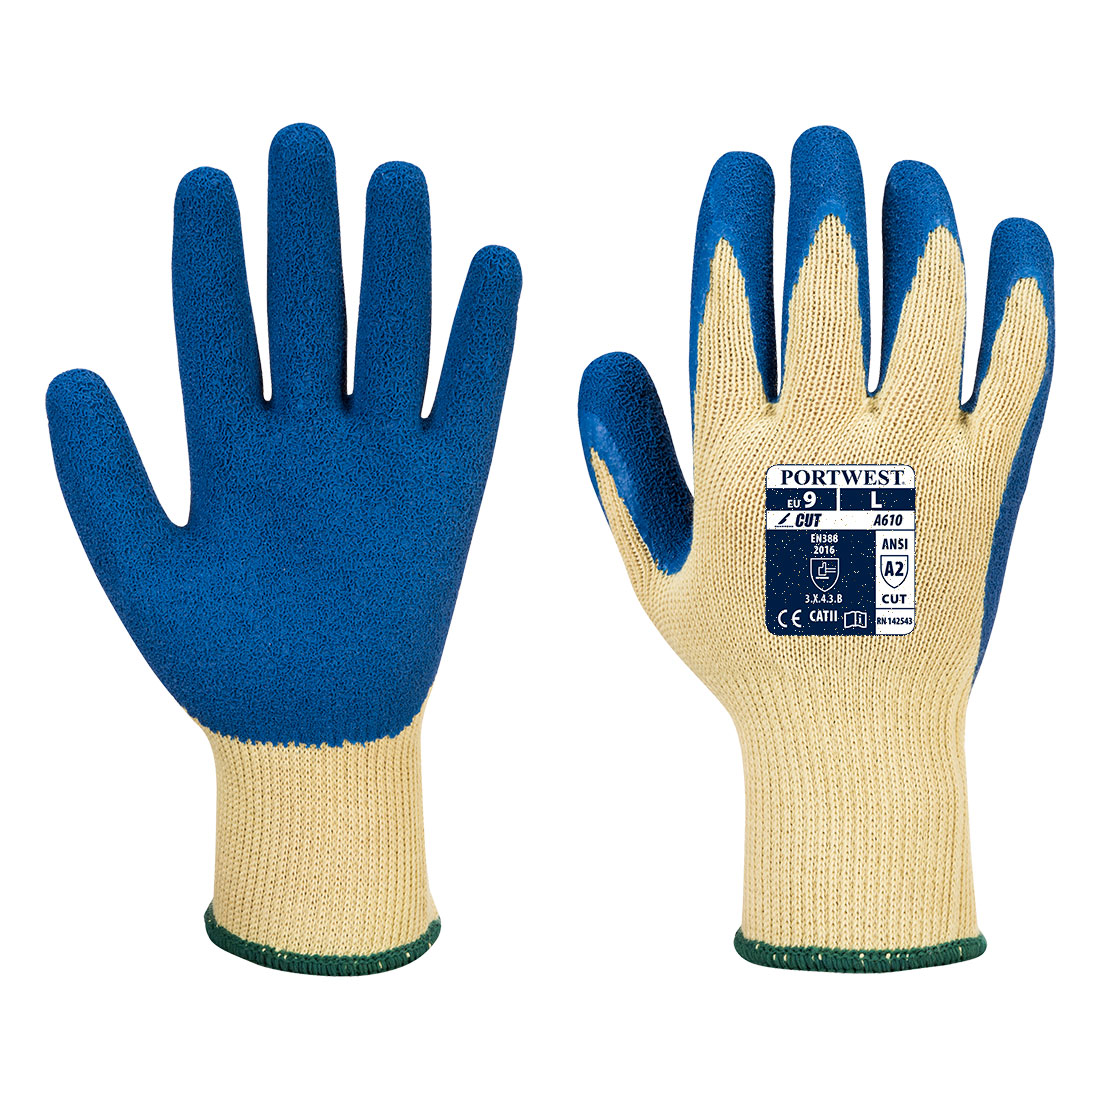 PortWest Unisex Tough Grip Glove Yellow Various Size A135